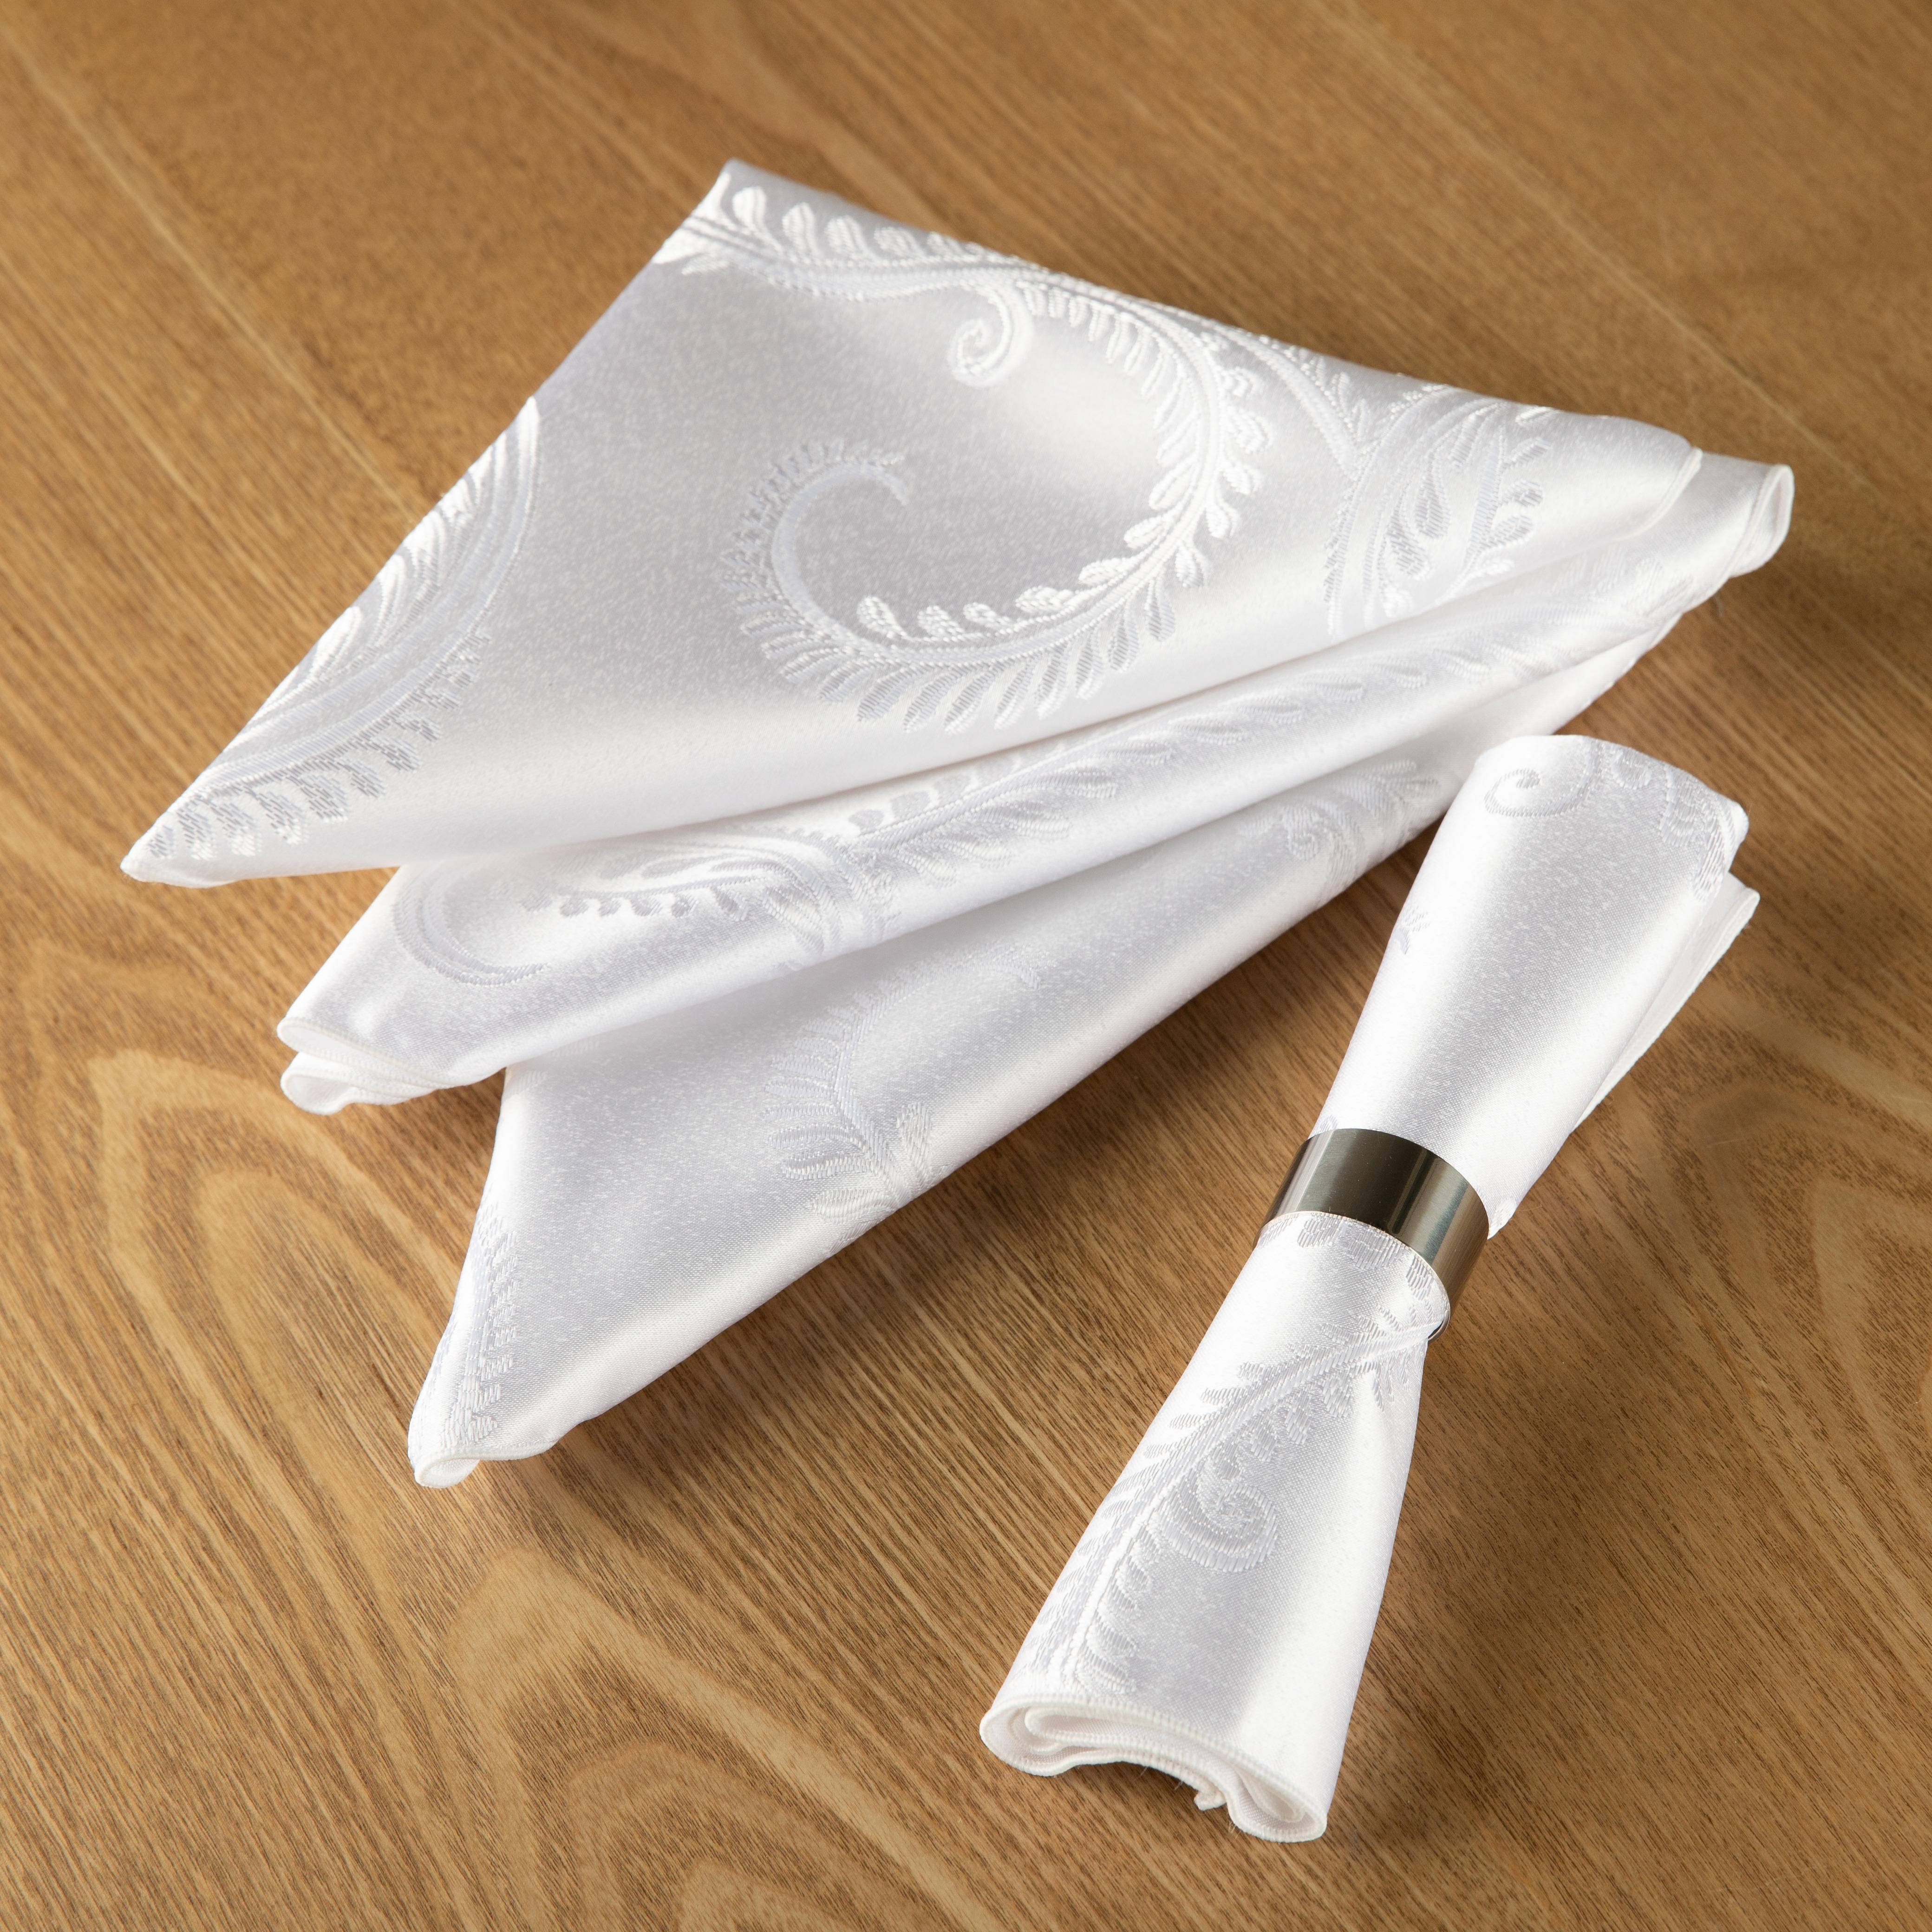 4 white polyester napkins